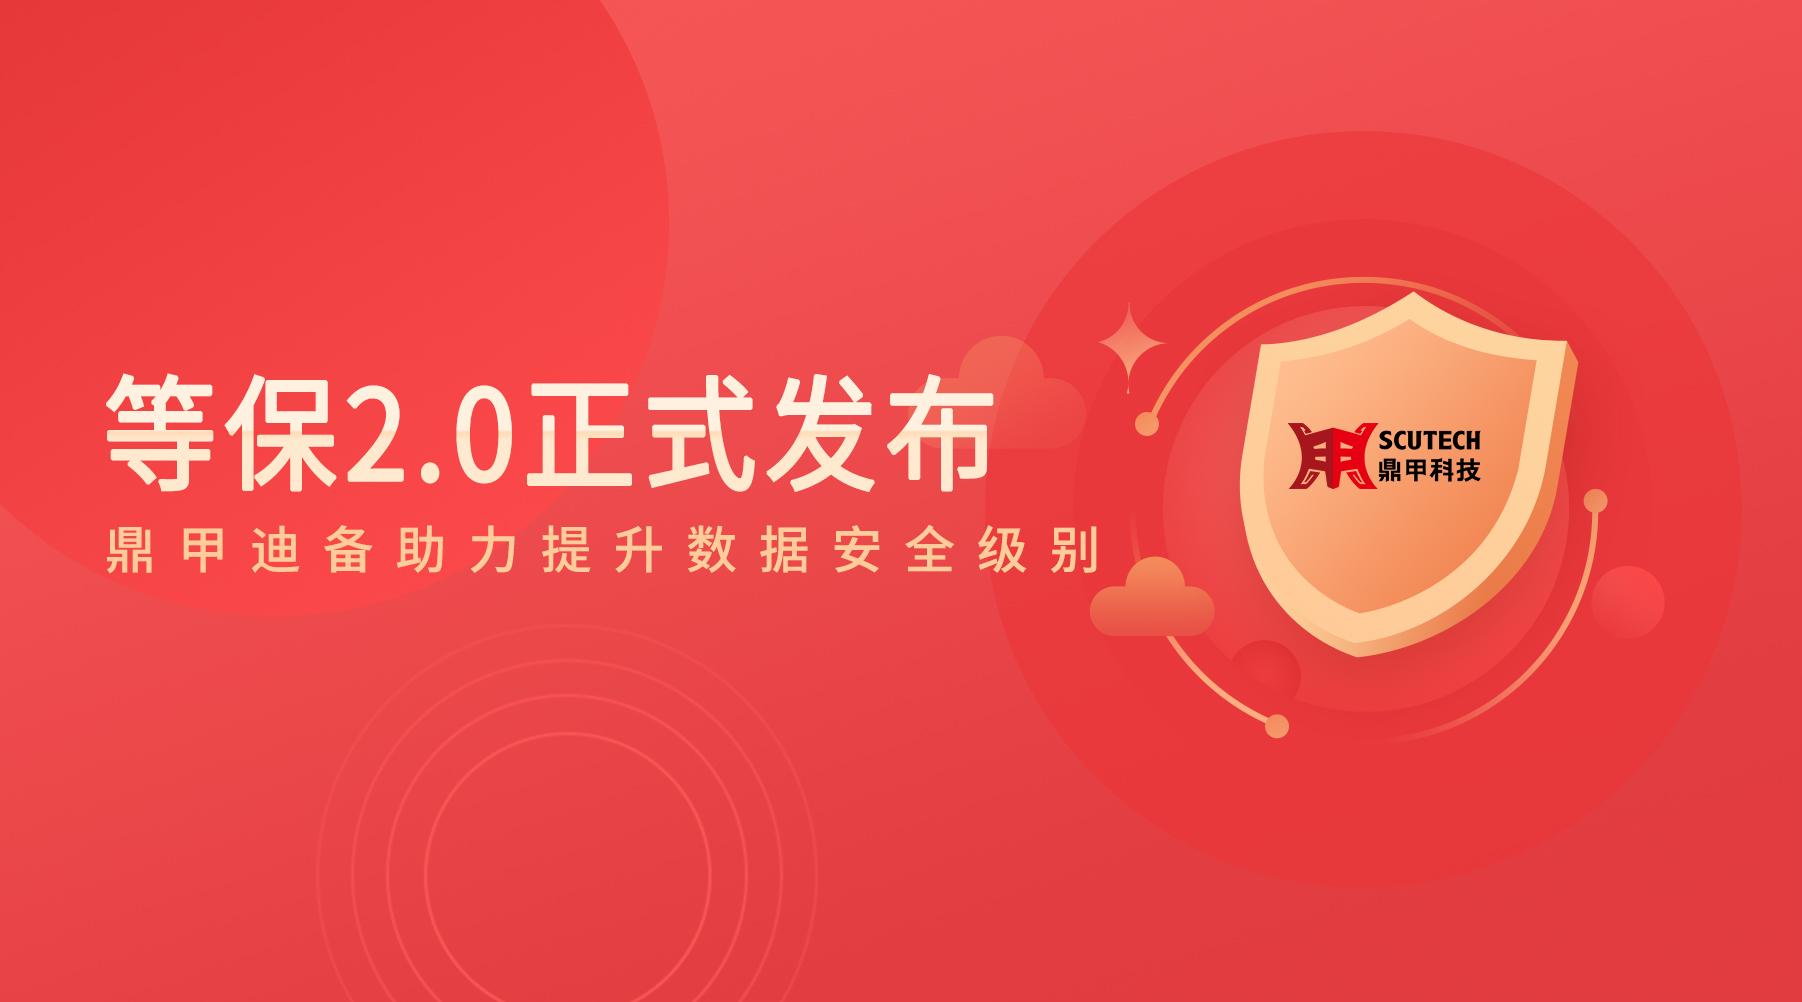 等保2.0正式发布,鼎甲迪备助力提升数据安全级别